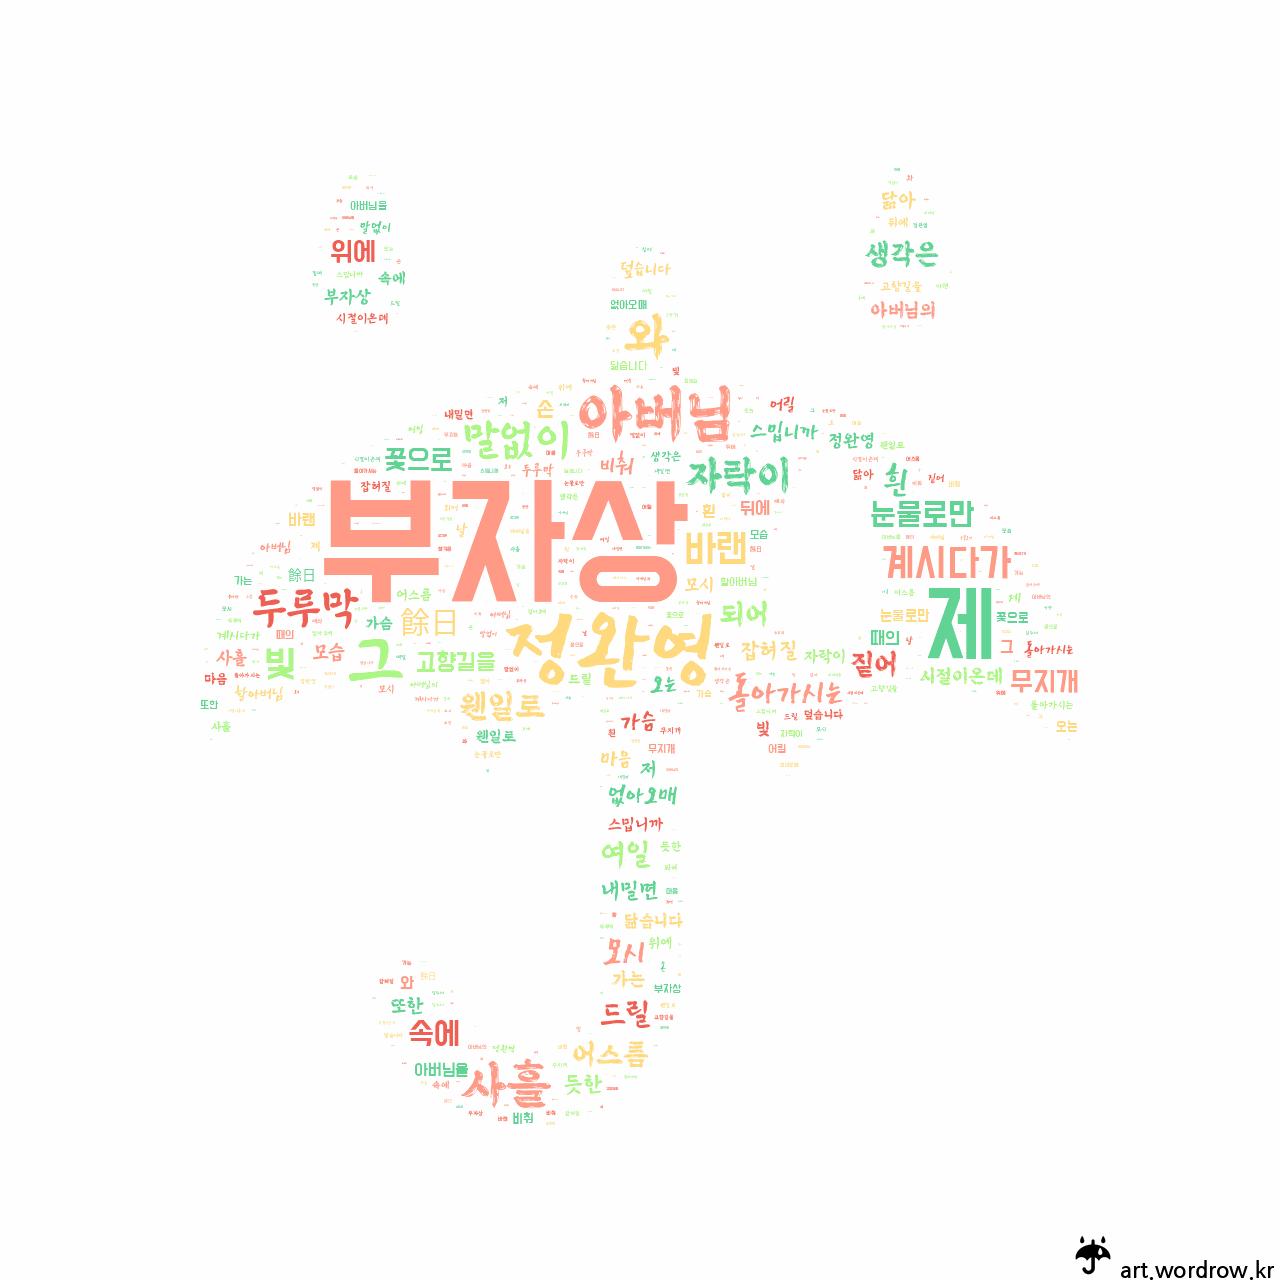 워드 클라우드: 부자상 [정완영]-56